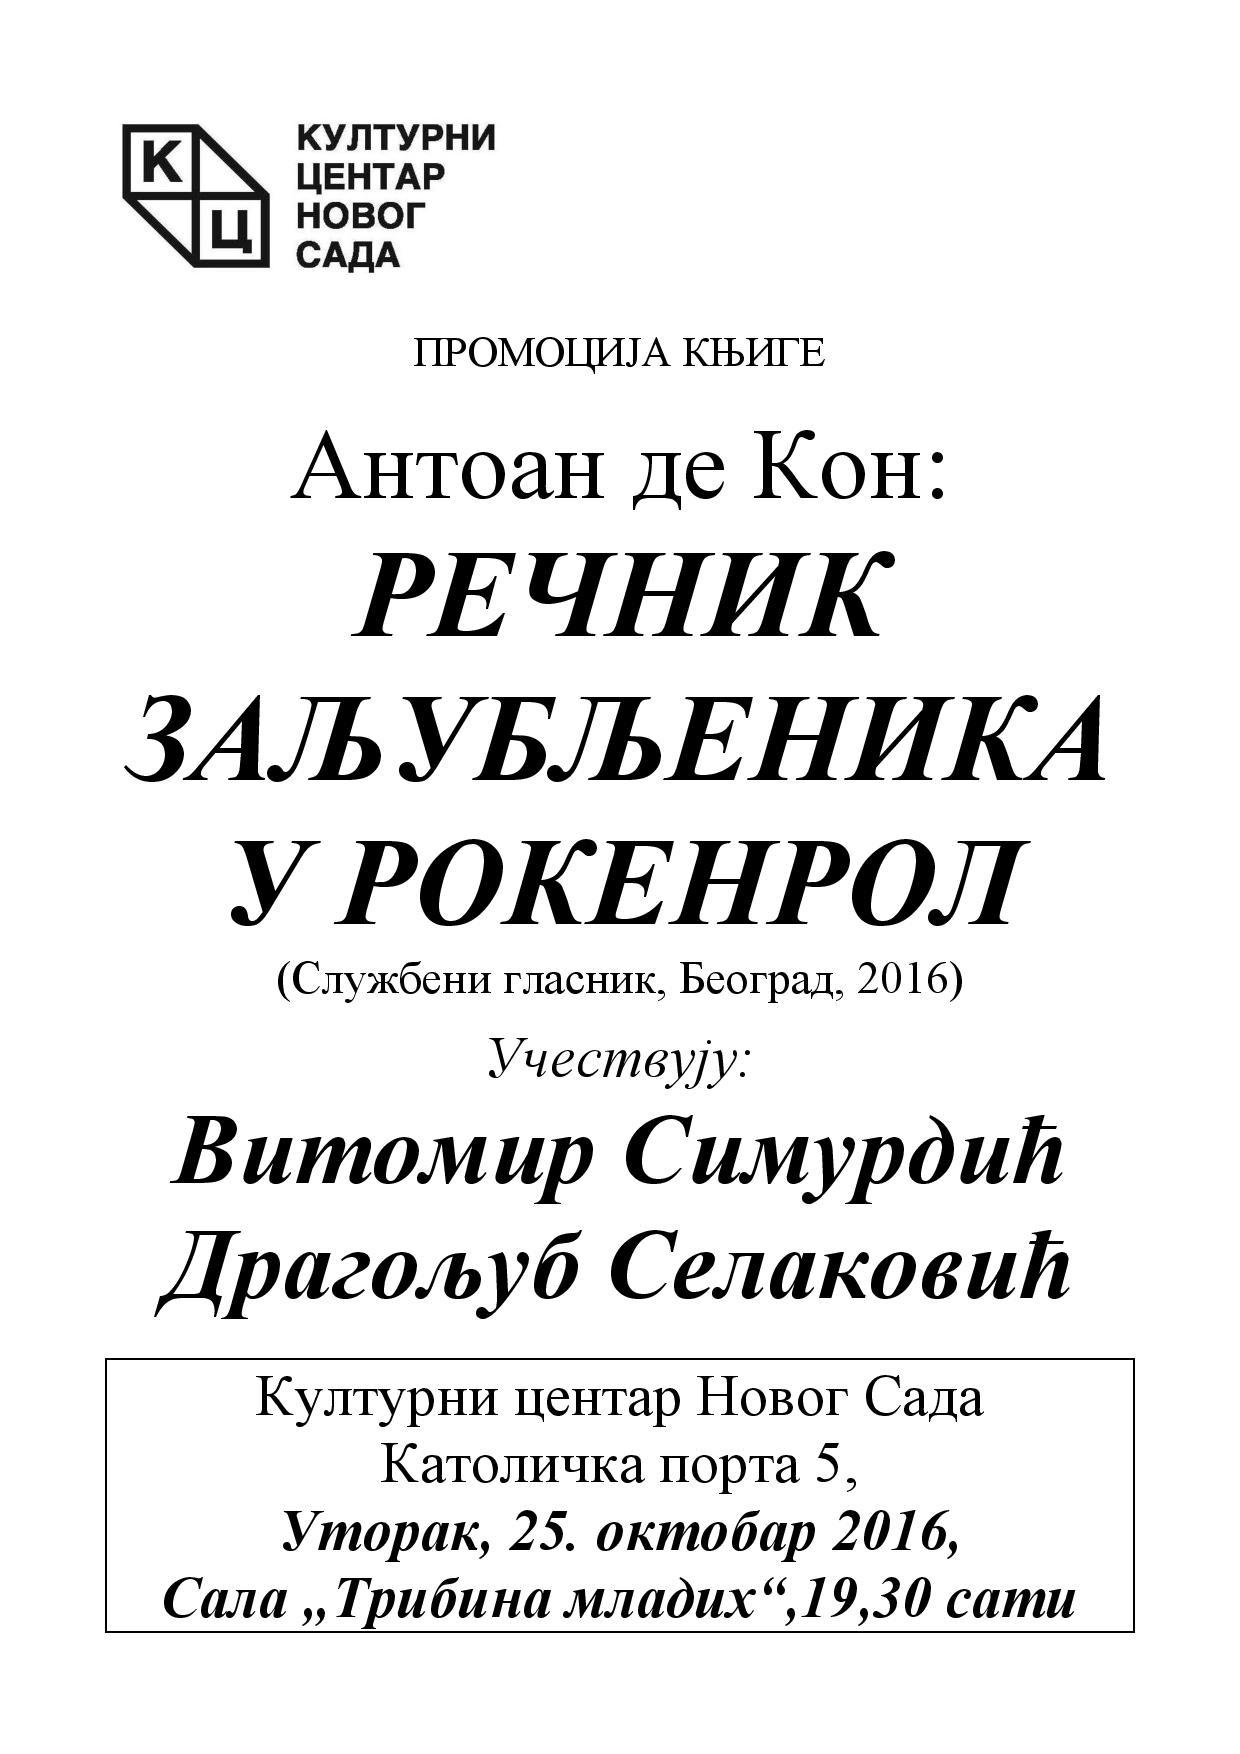 promocija-kcns-page-001